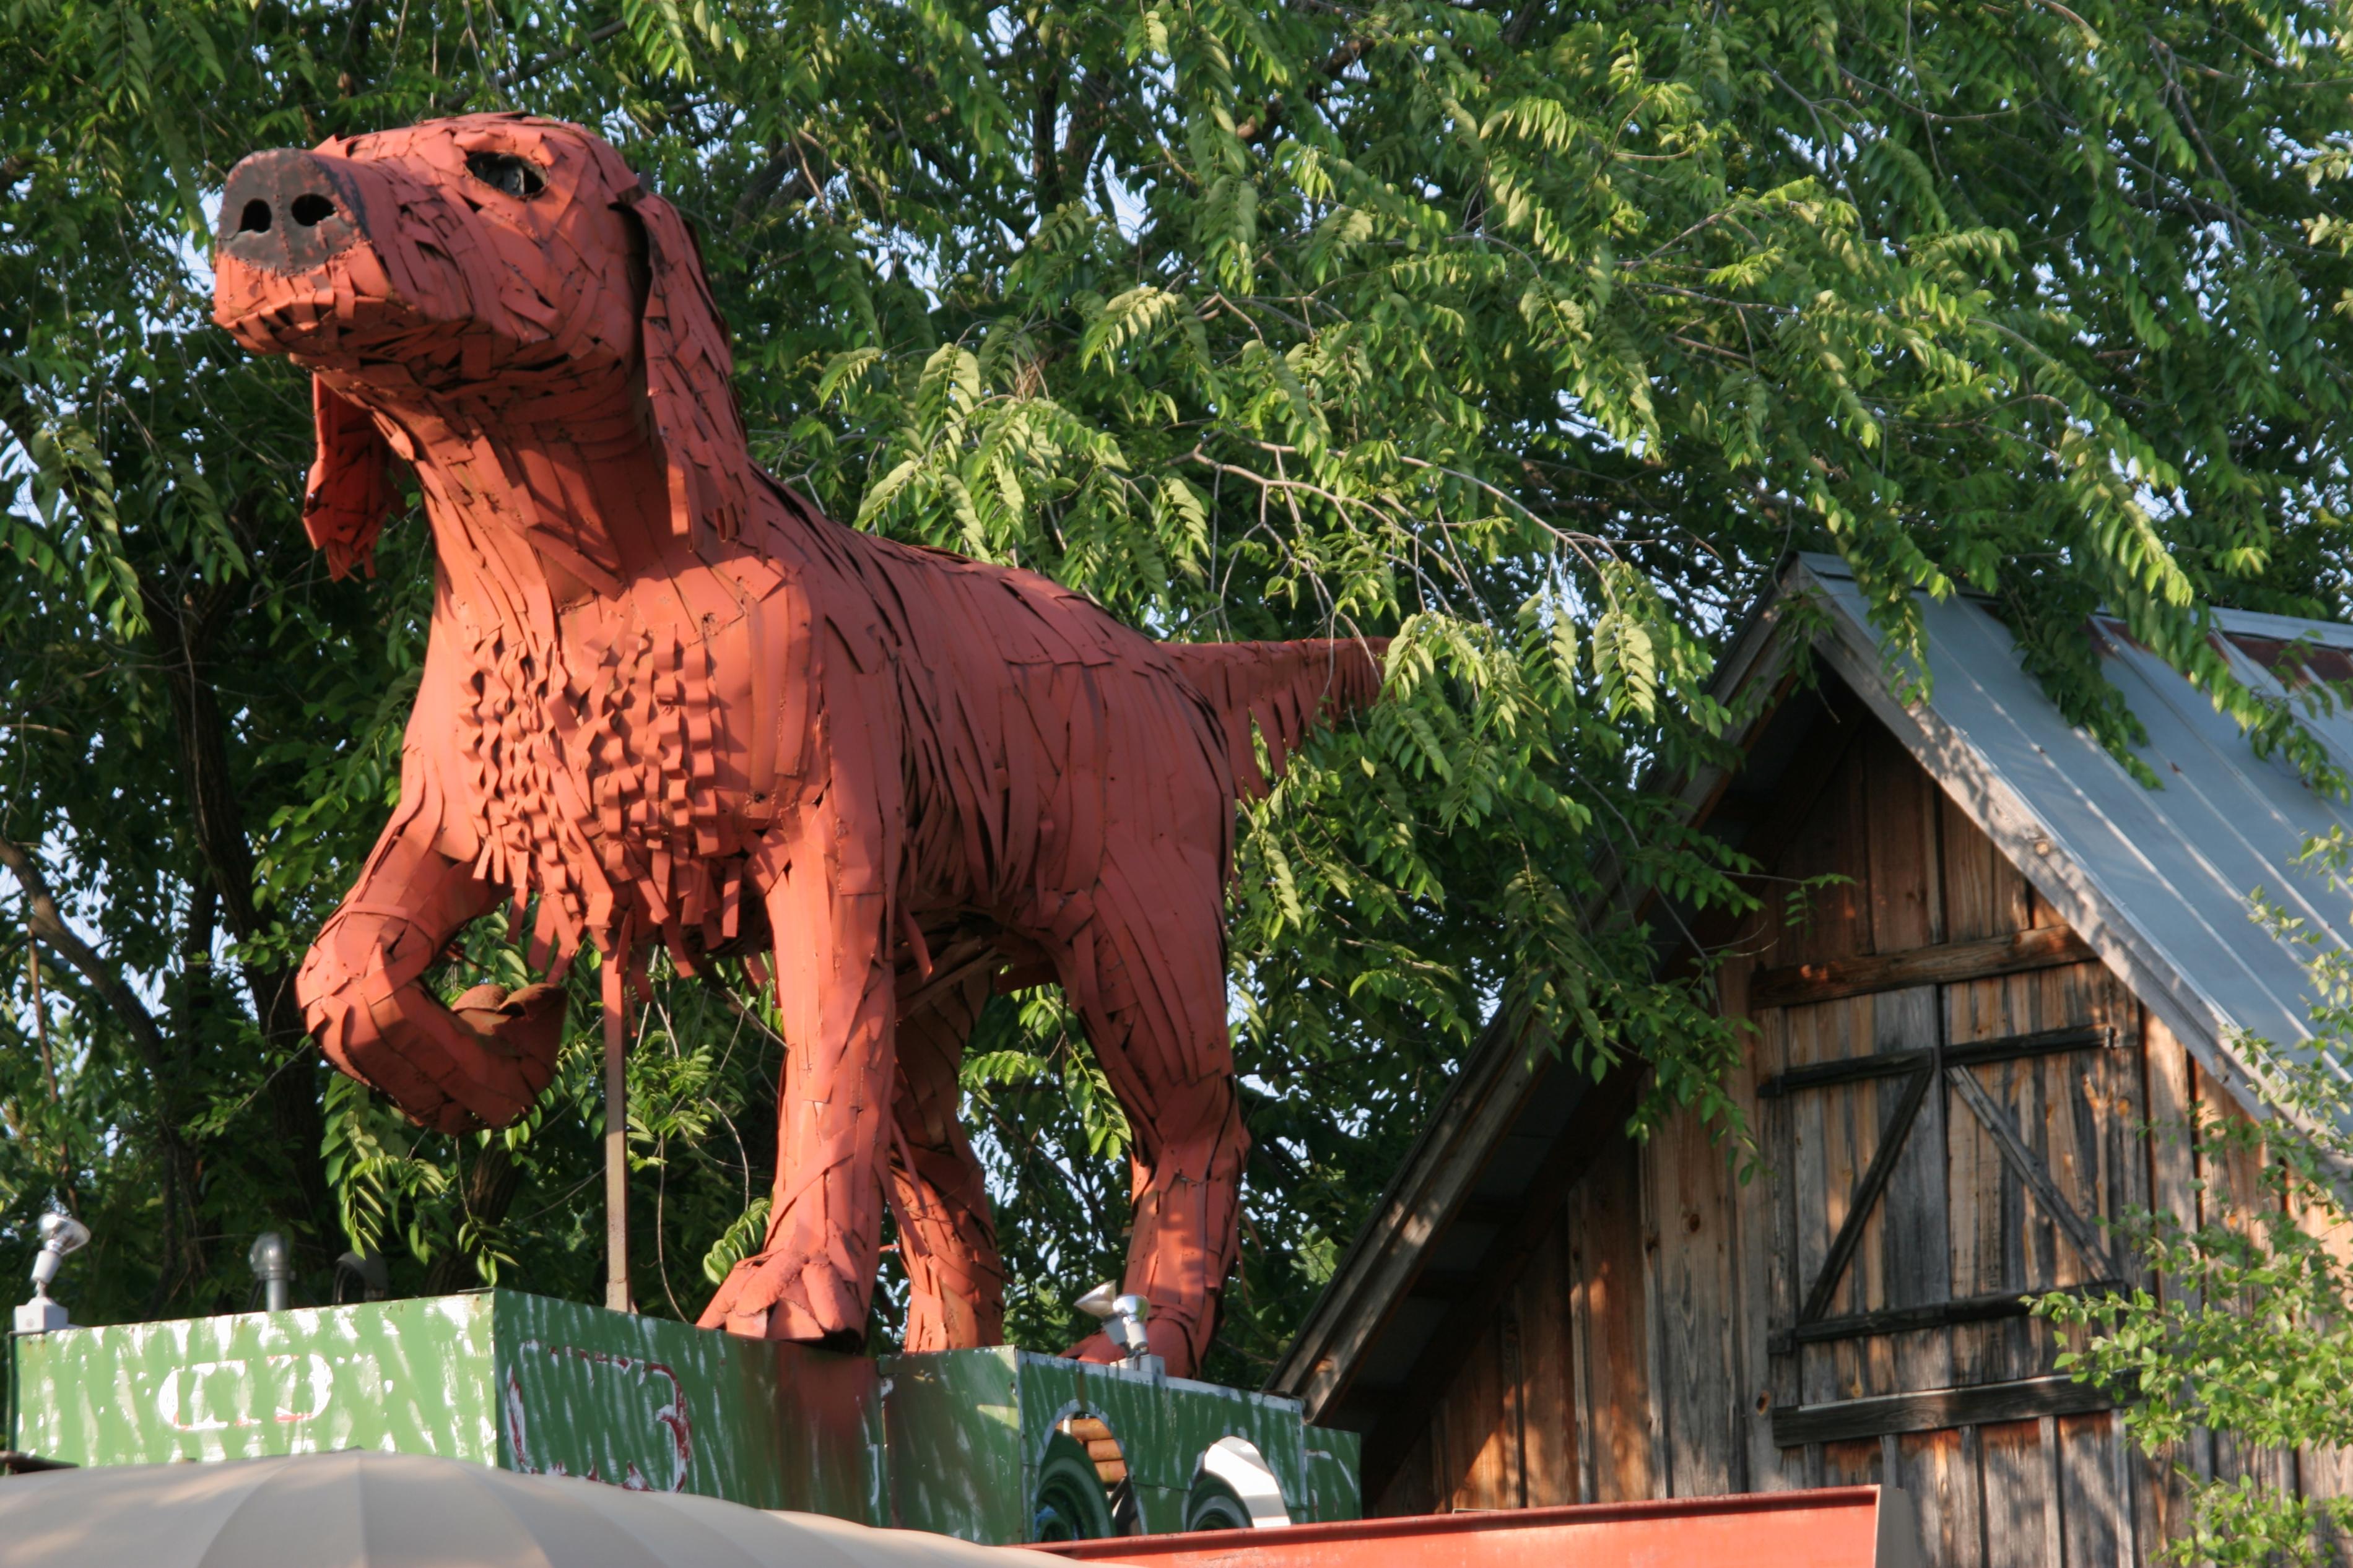 A big red metal dog at Kentuck Art Center.